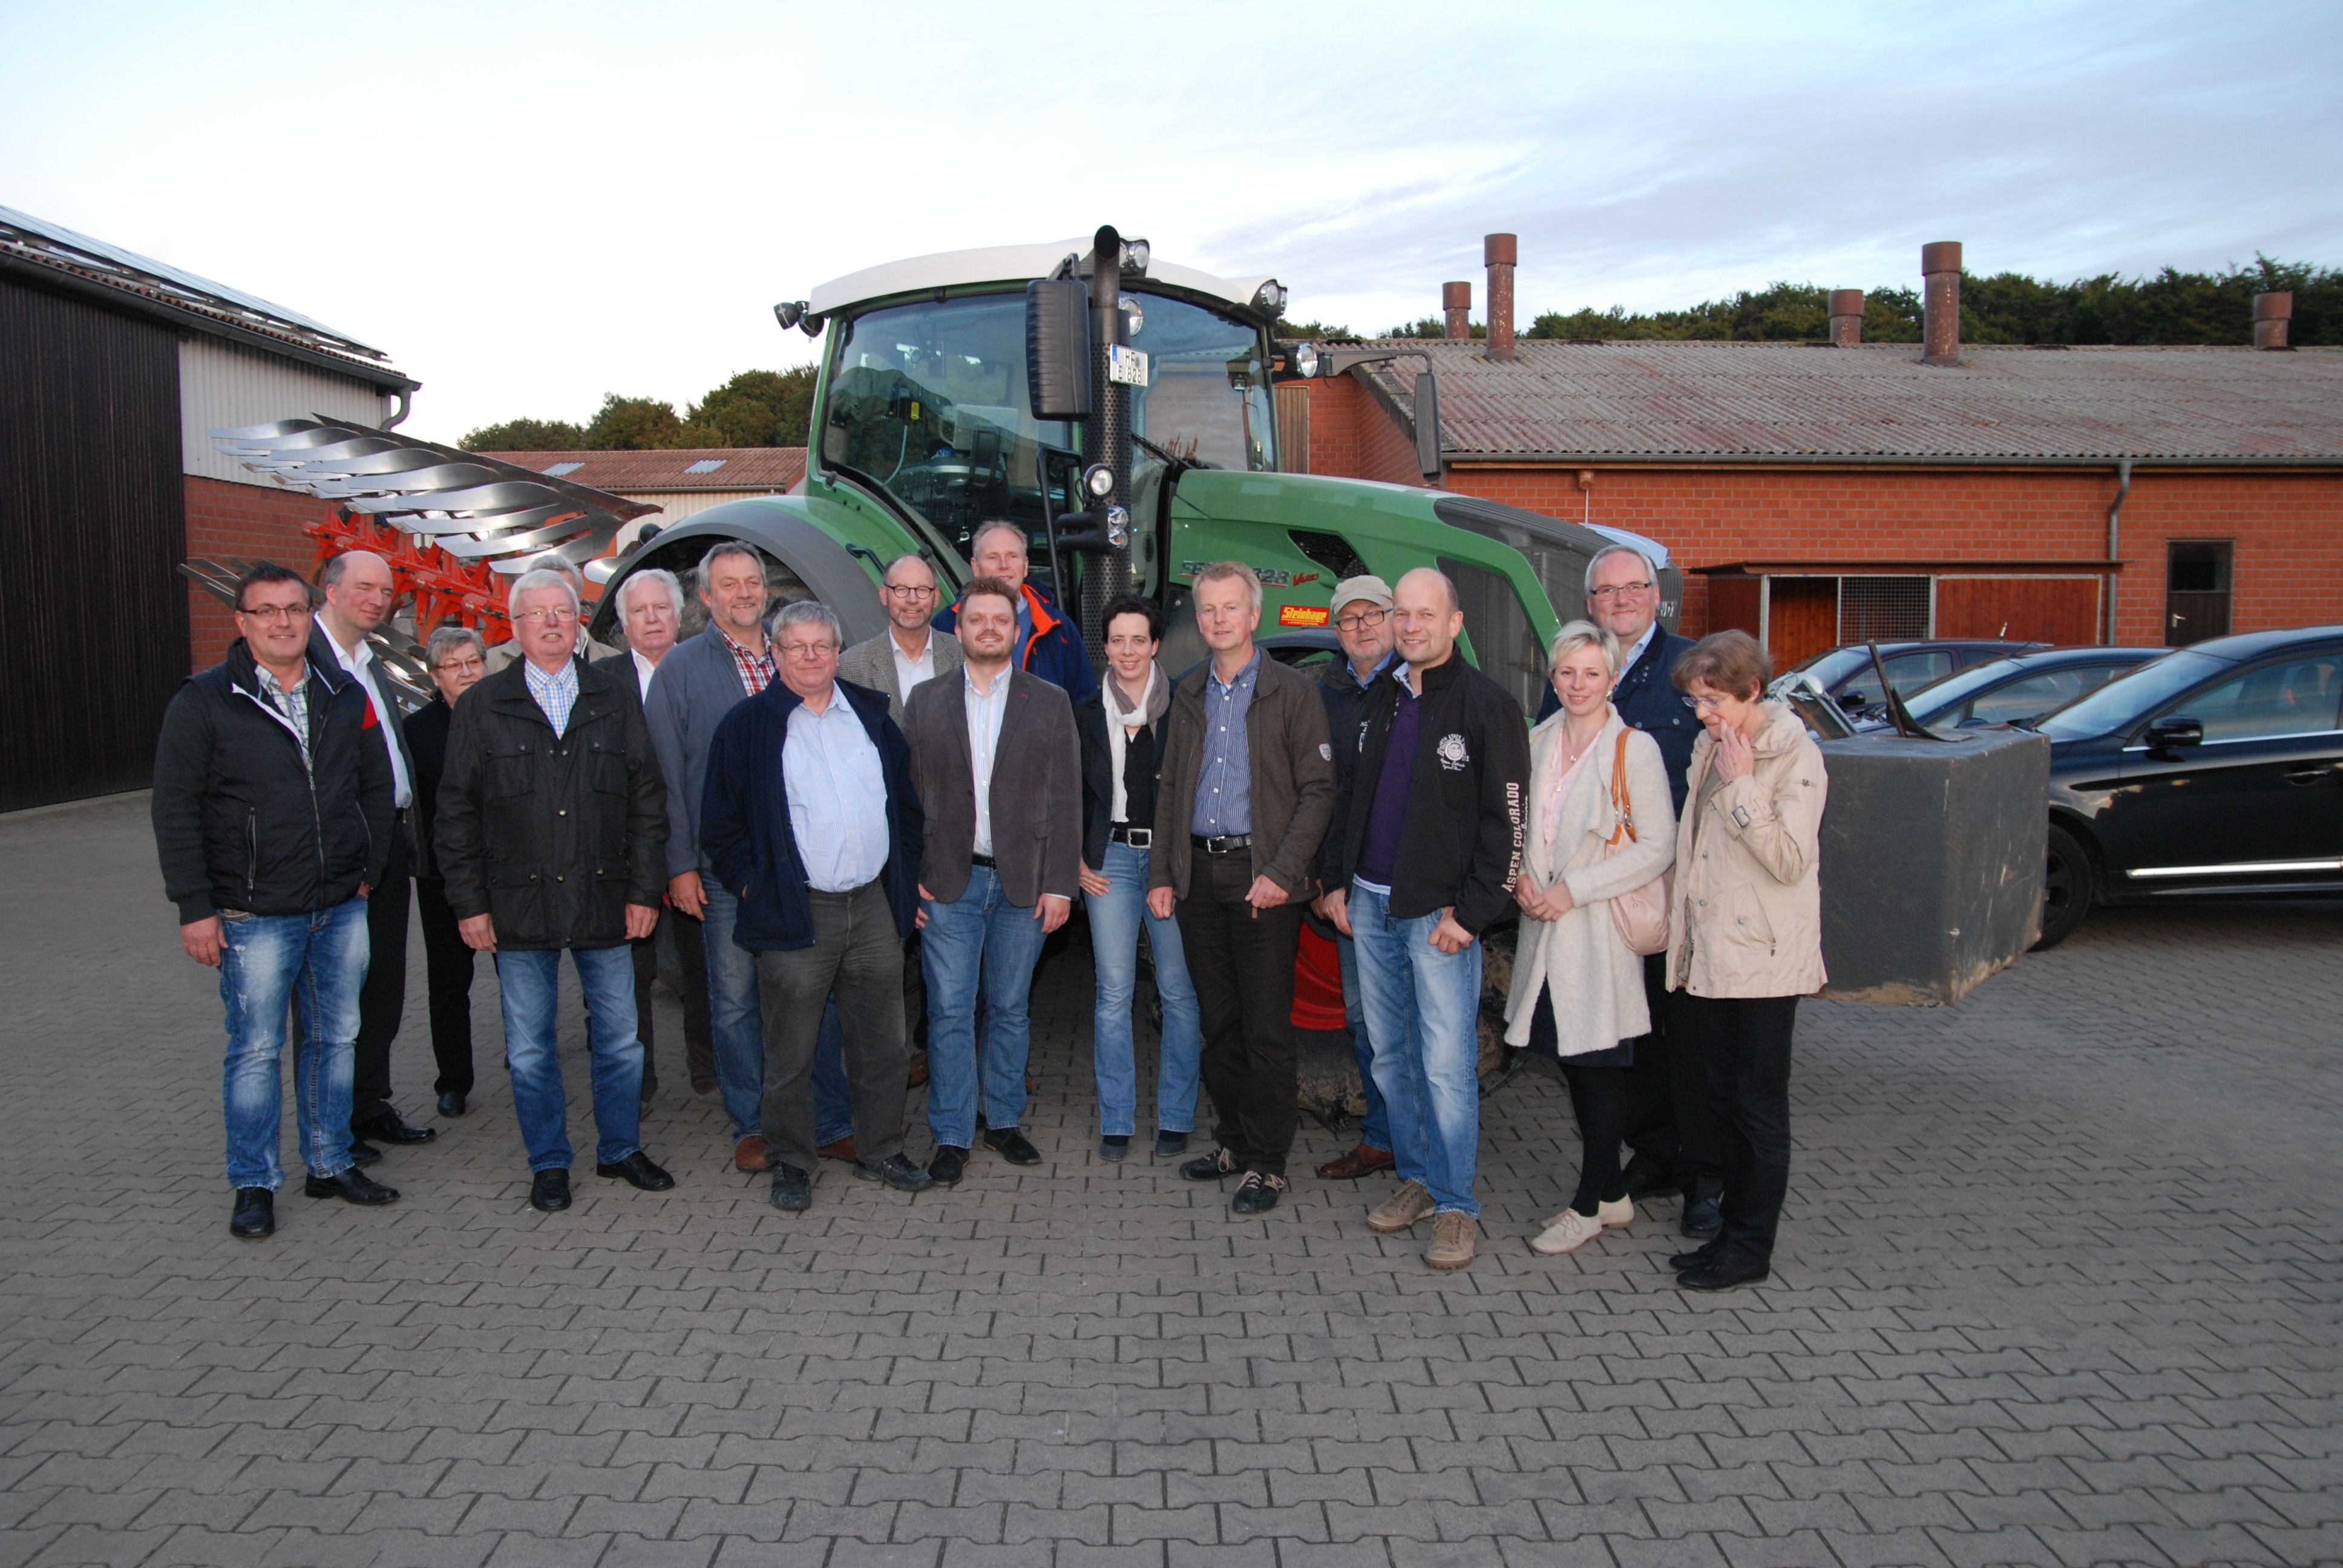 Besucher auf dem Bauernhof: Rainer Bohnenkamp (4.V.R.) begrüßt in Begleitung vom Vorsitzenden des Landwirtschaftlichen Kreisverbandes Herford-Bielefeld, Hermann Dedert und seine Stellvertreterin Friederike Detering (6 und 7.V.R.) die CDU-Fraktion unter Le